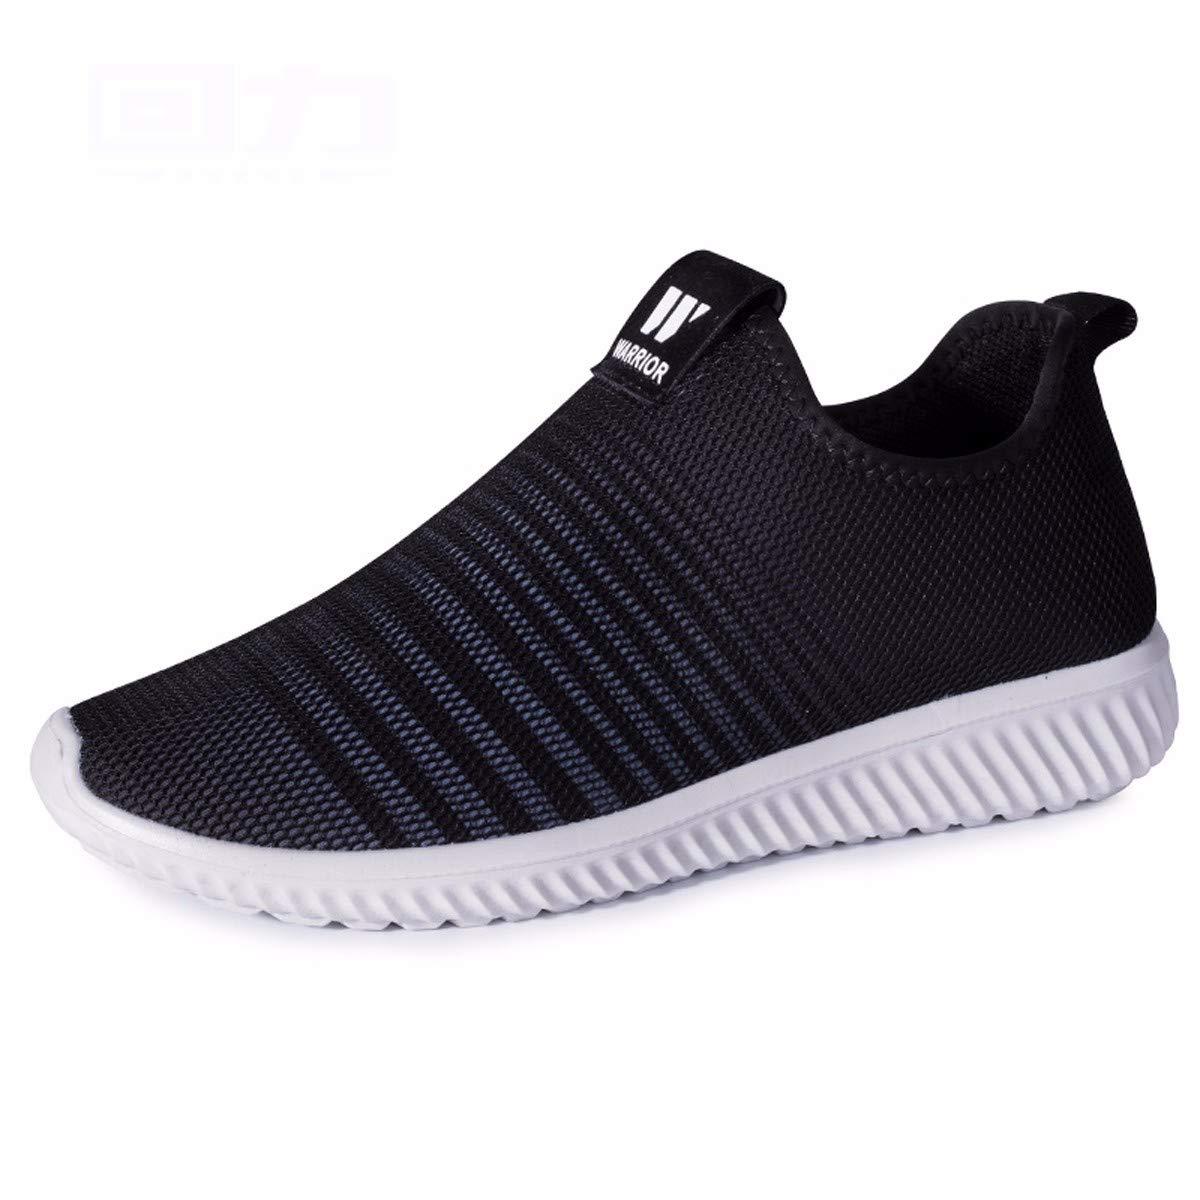 KMJBS-Männer - Schuhe Die Schuhe Im Frühling und Sommer - Schuhe Füße Faul Schuhe Atmungsaktiv Licht Sport Casual Schuhen.